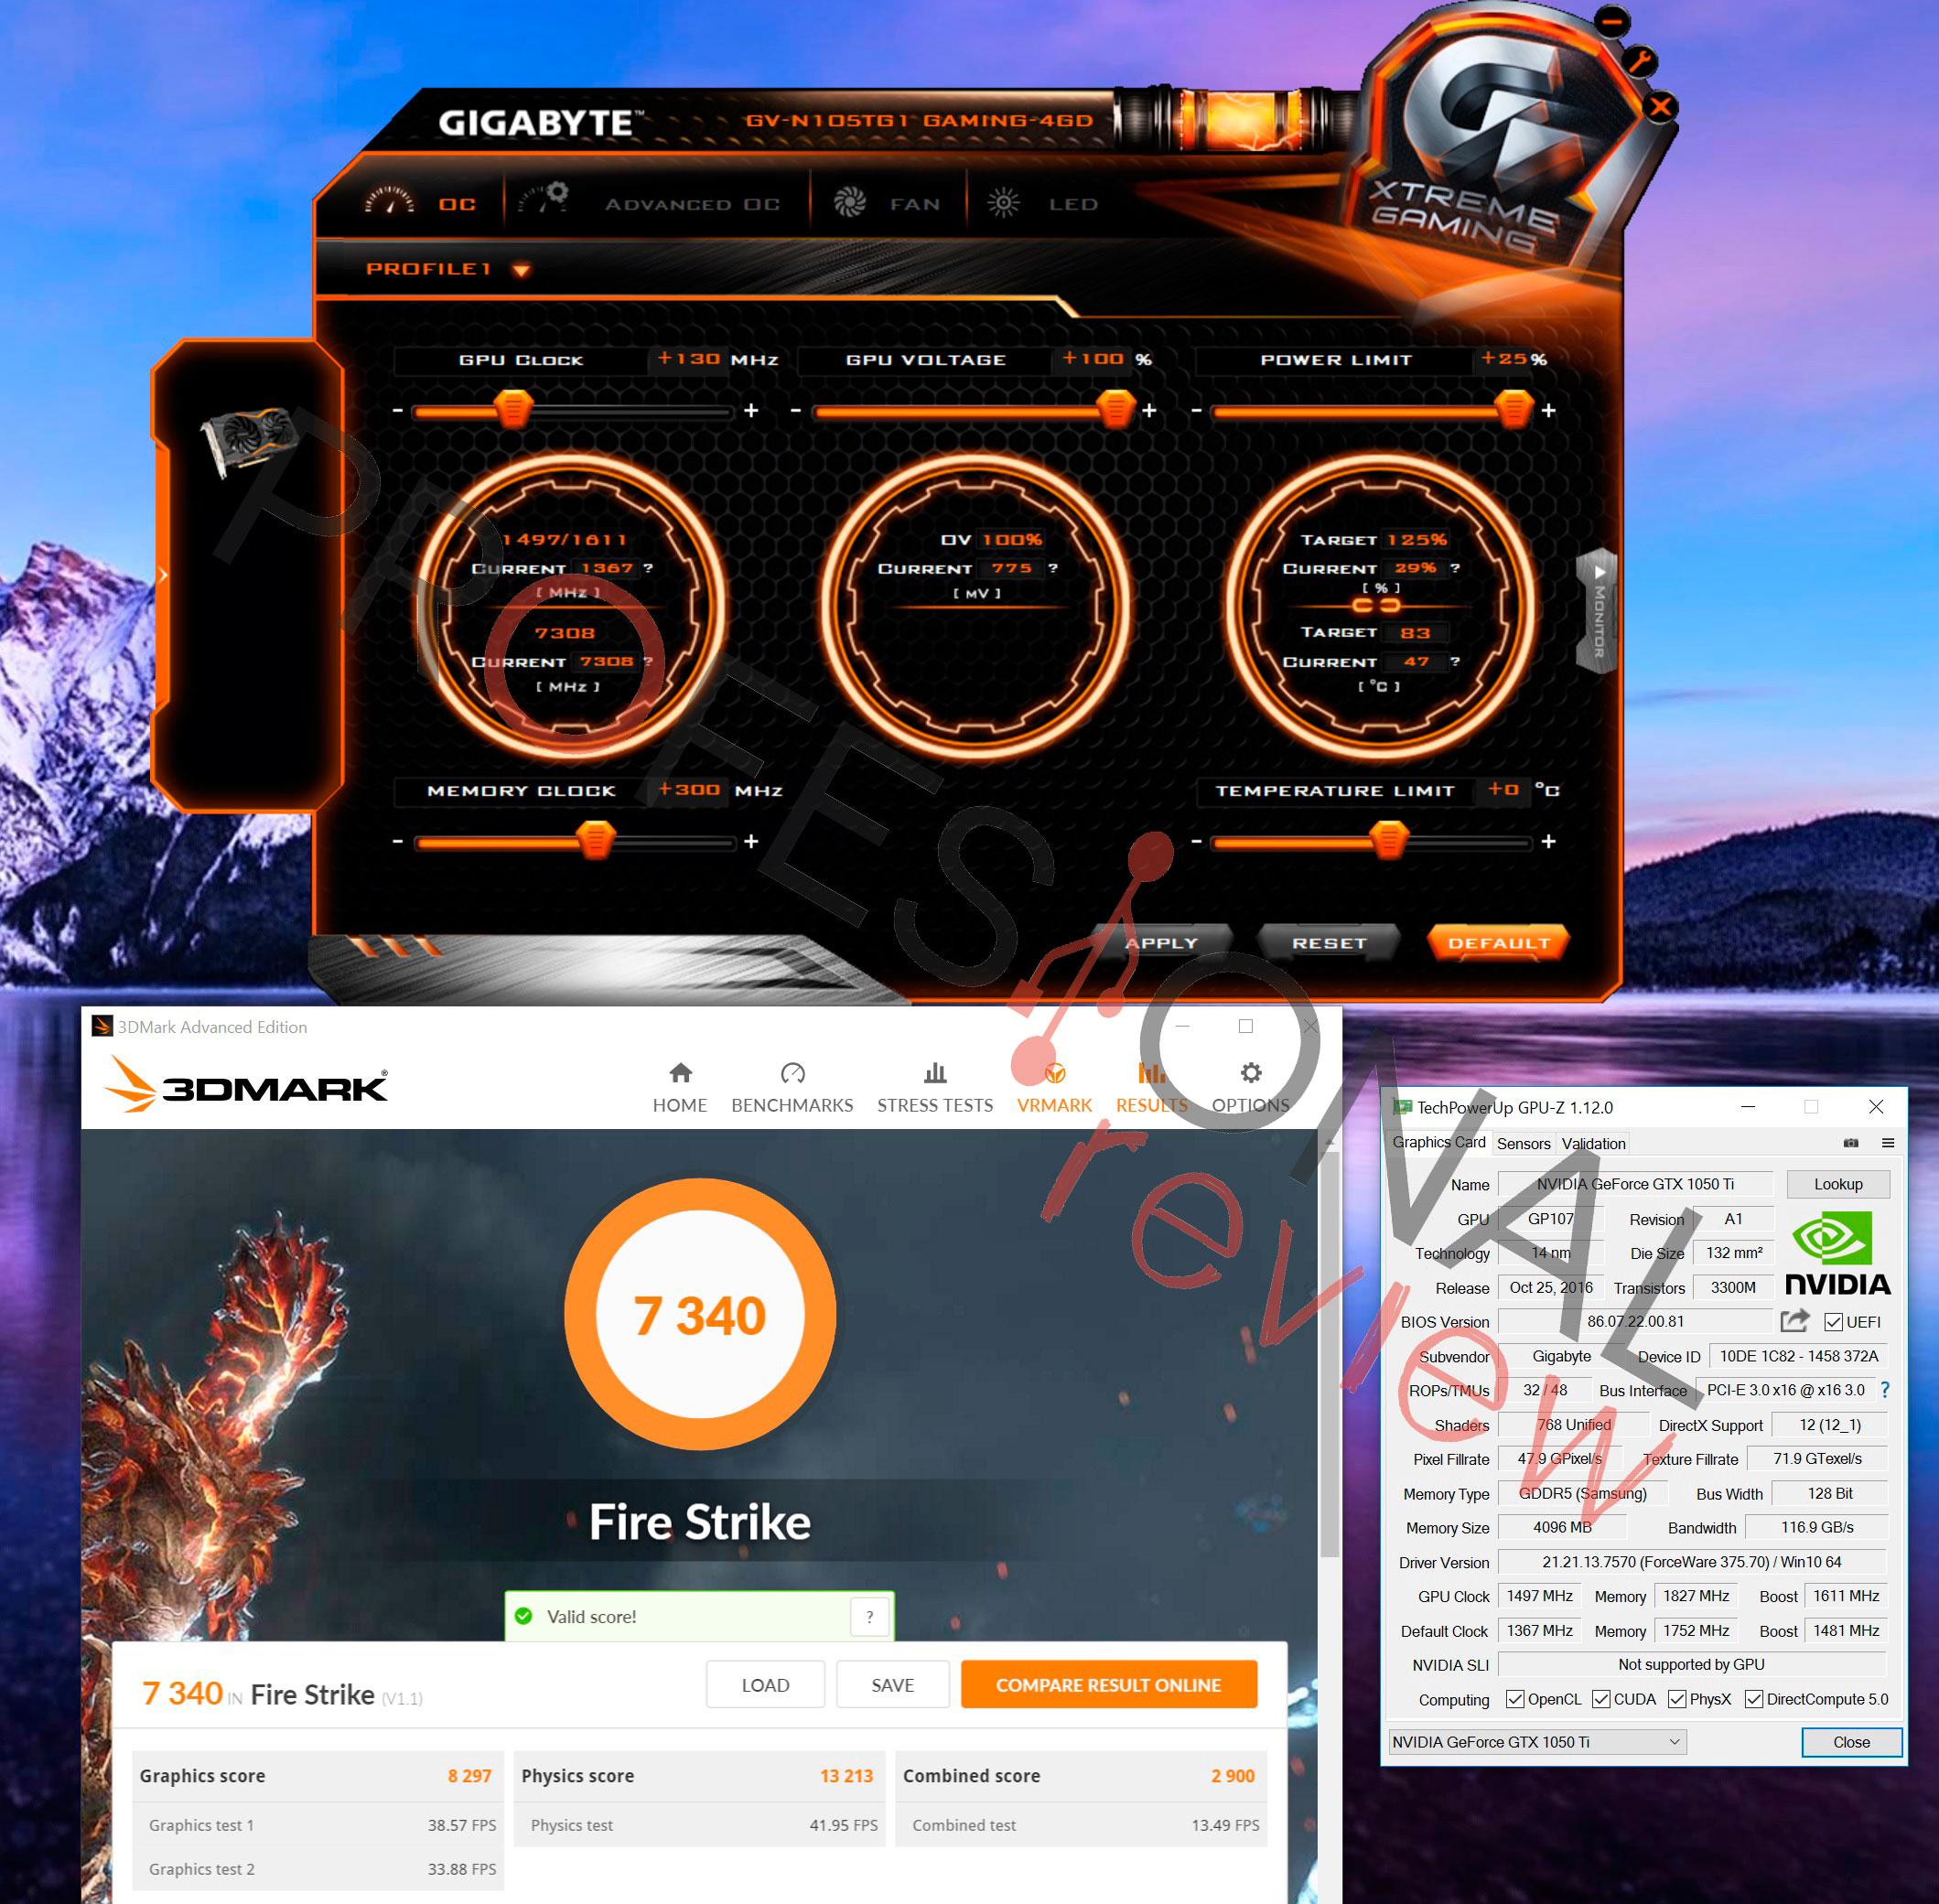 gigabyte-gtx-1050-ti-g1-gaming-overclock